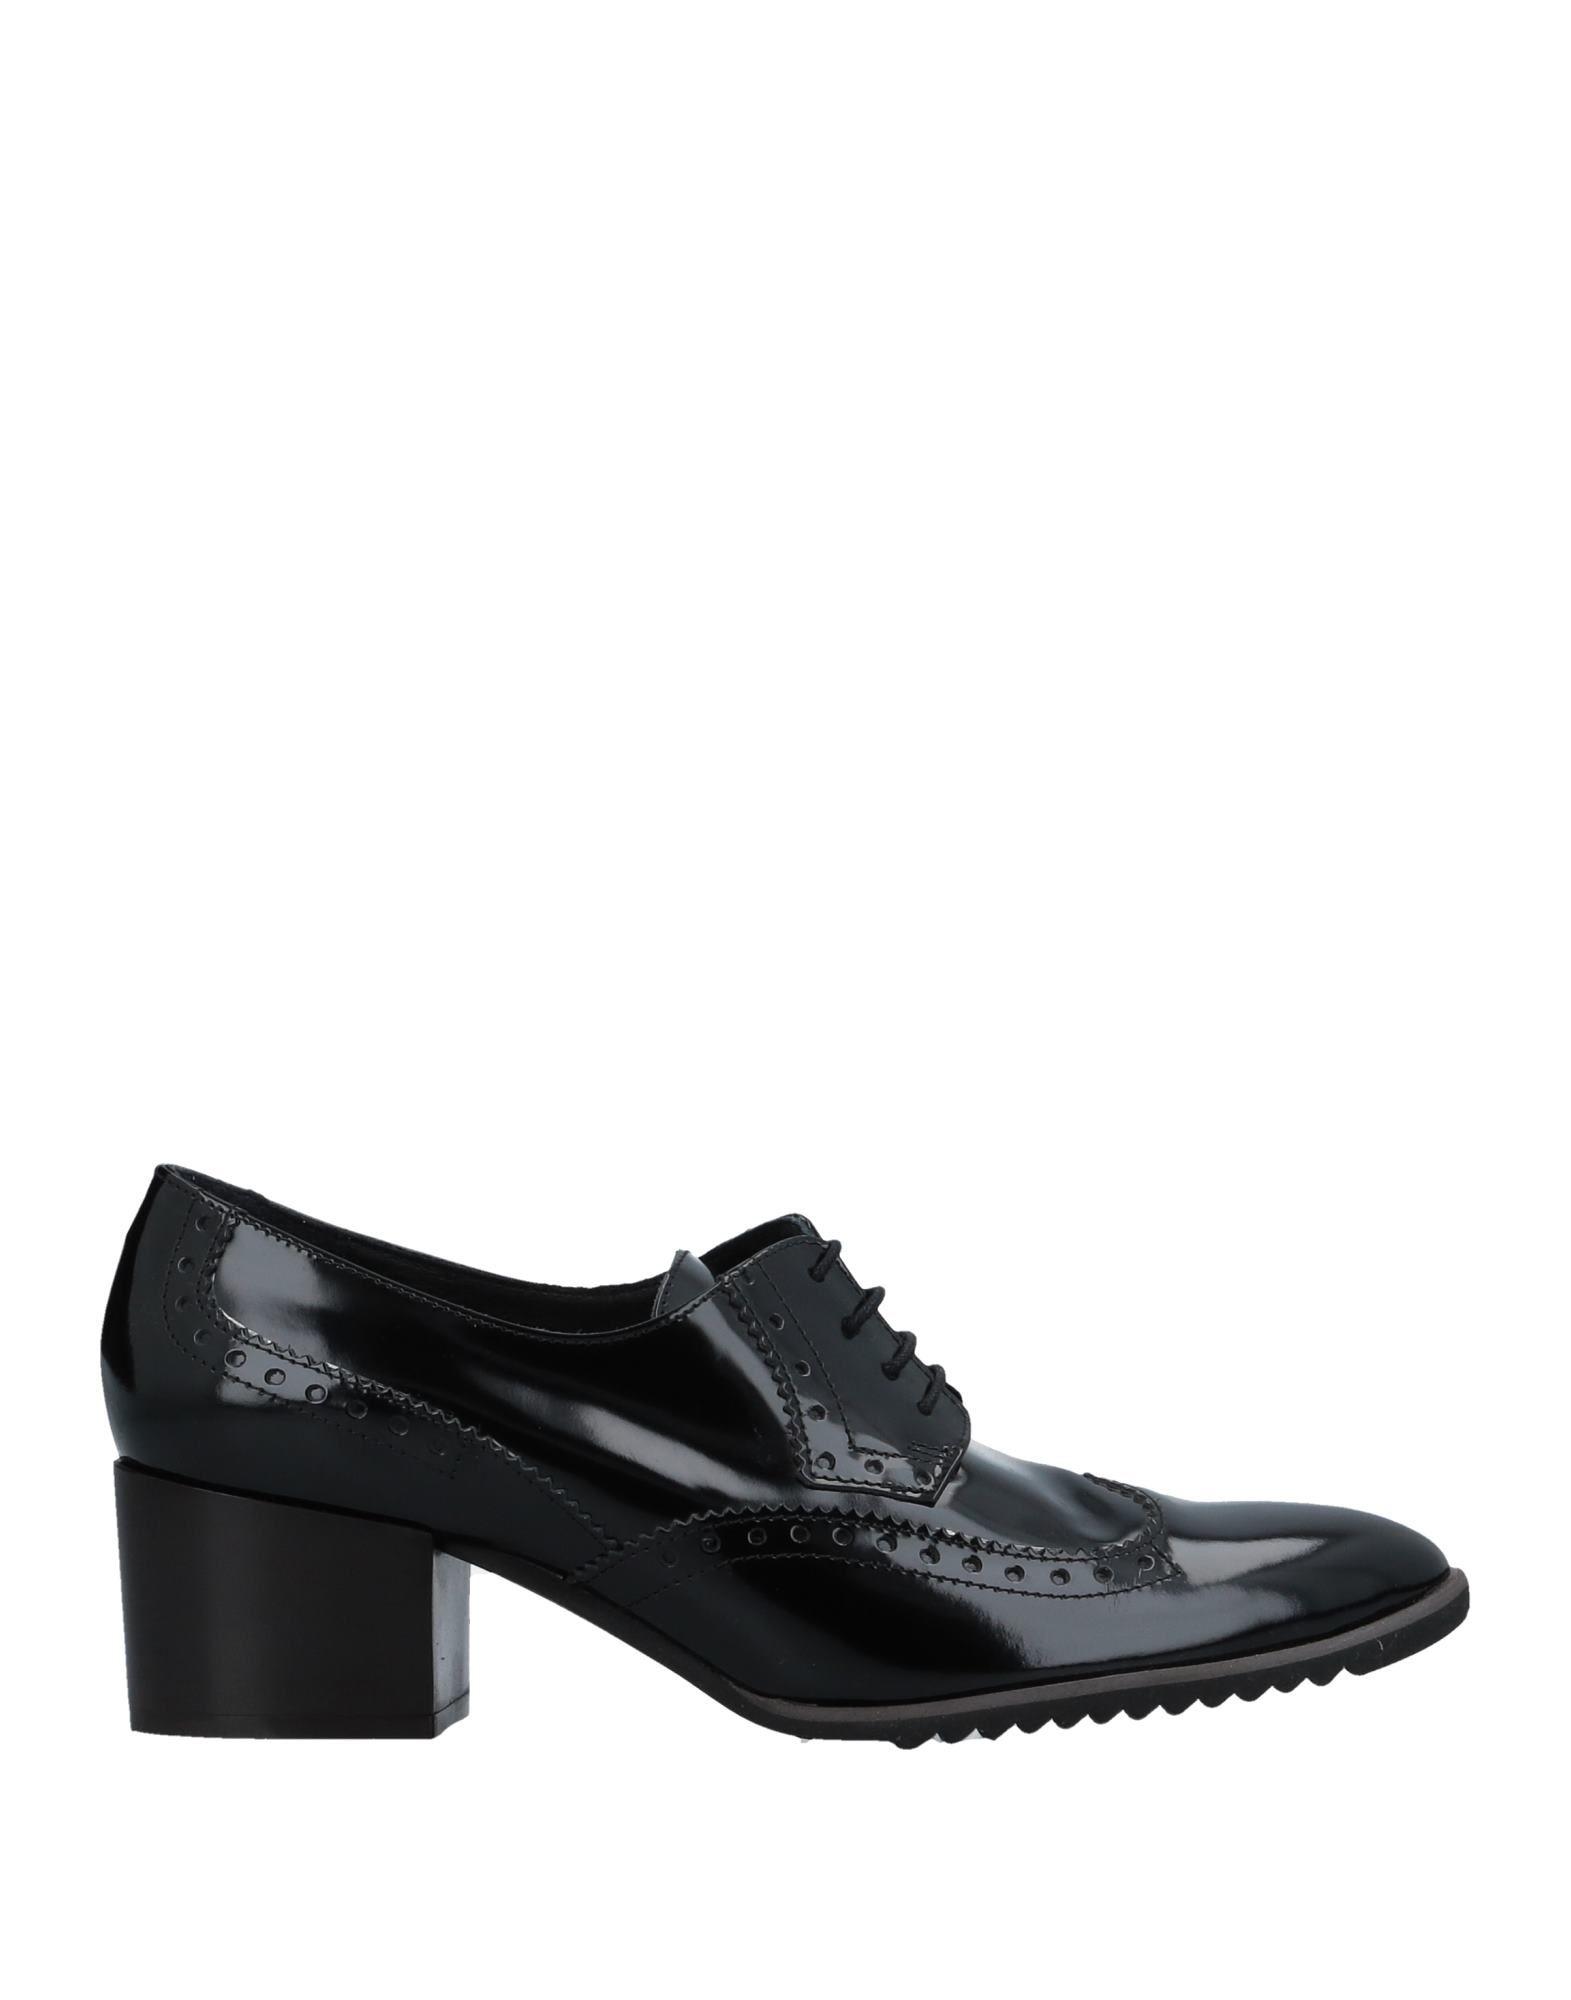 Fibra Firenze Schnürschuhe Damen  11511952QB Gute Qualität beliebte Schuhe